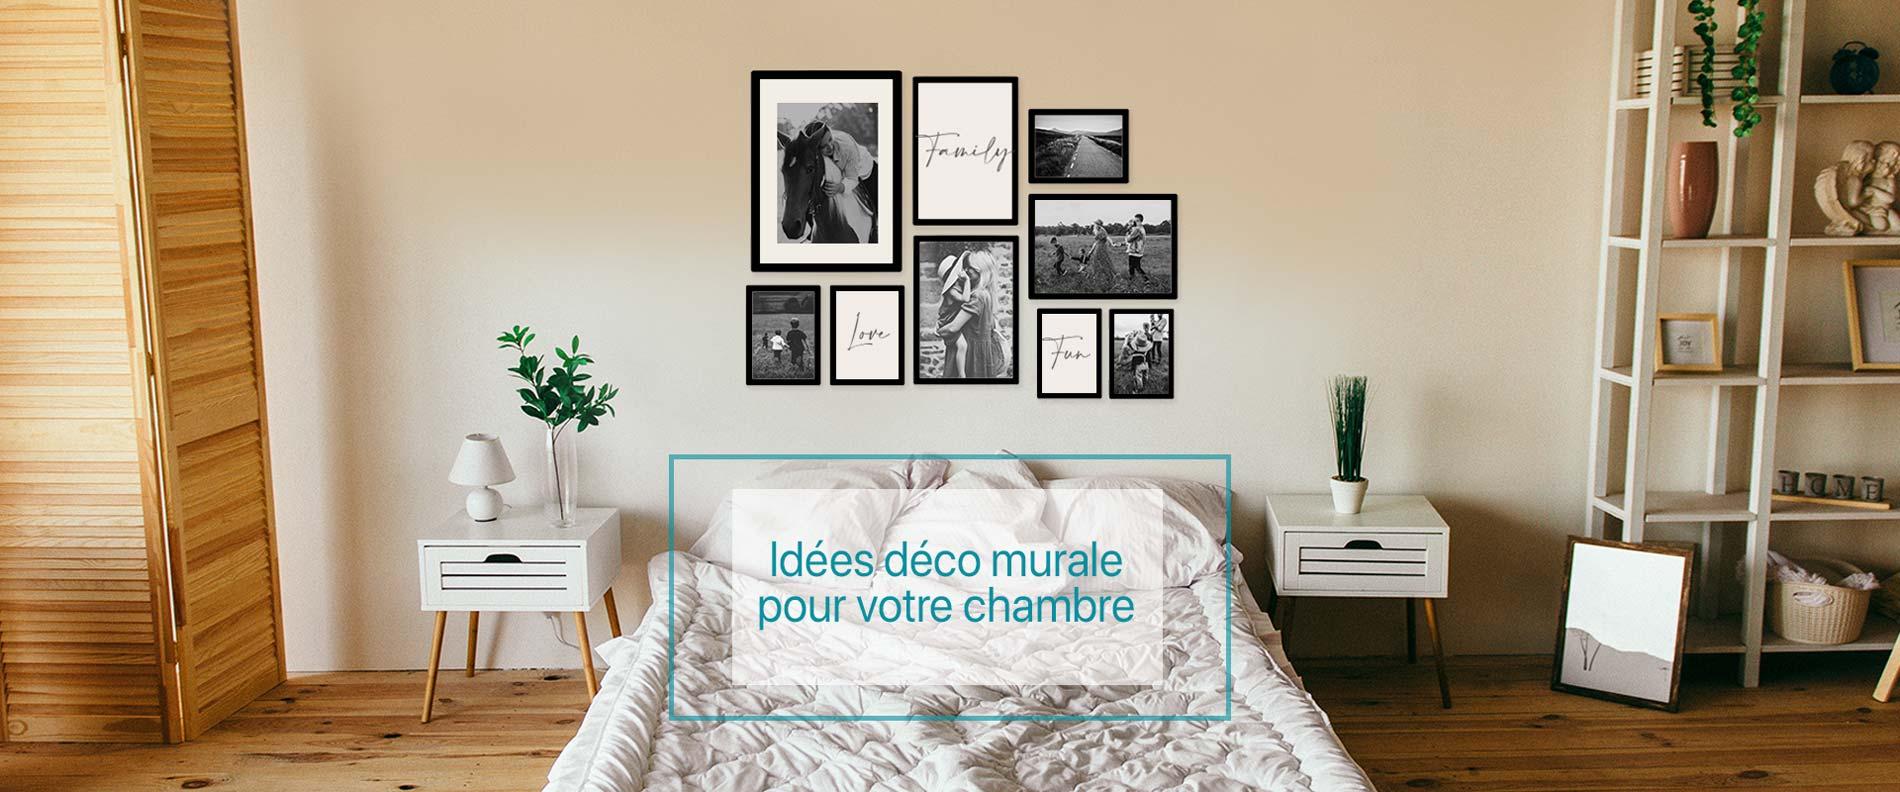 Déco murale chambre   Idées mur de cadres   SlimPYX cadres photos